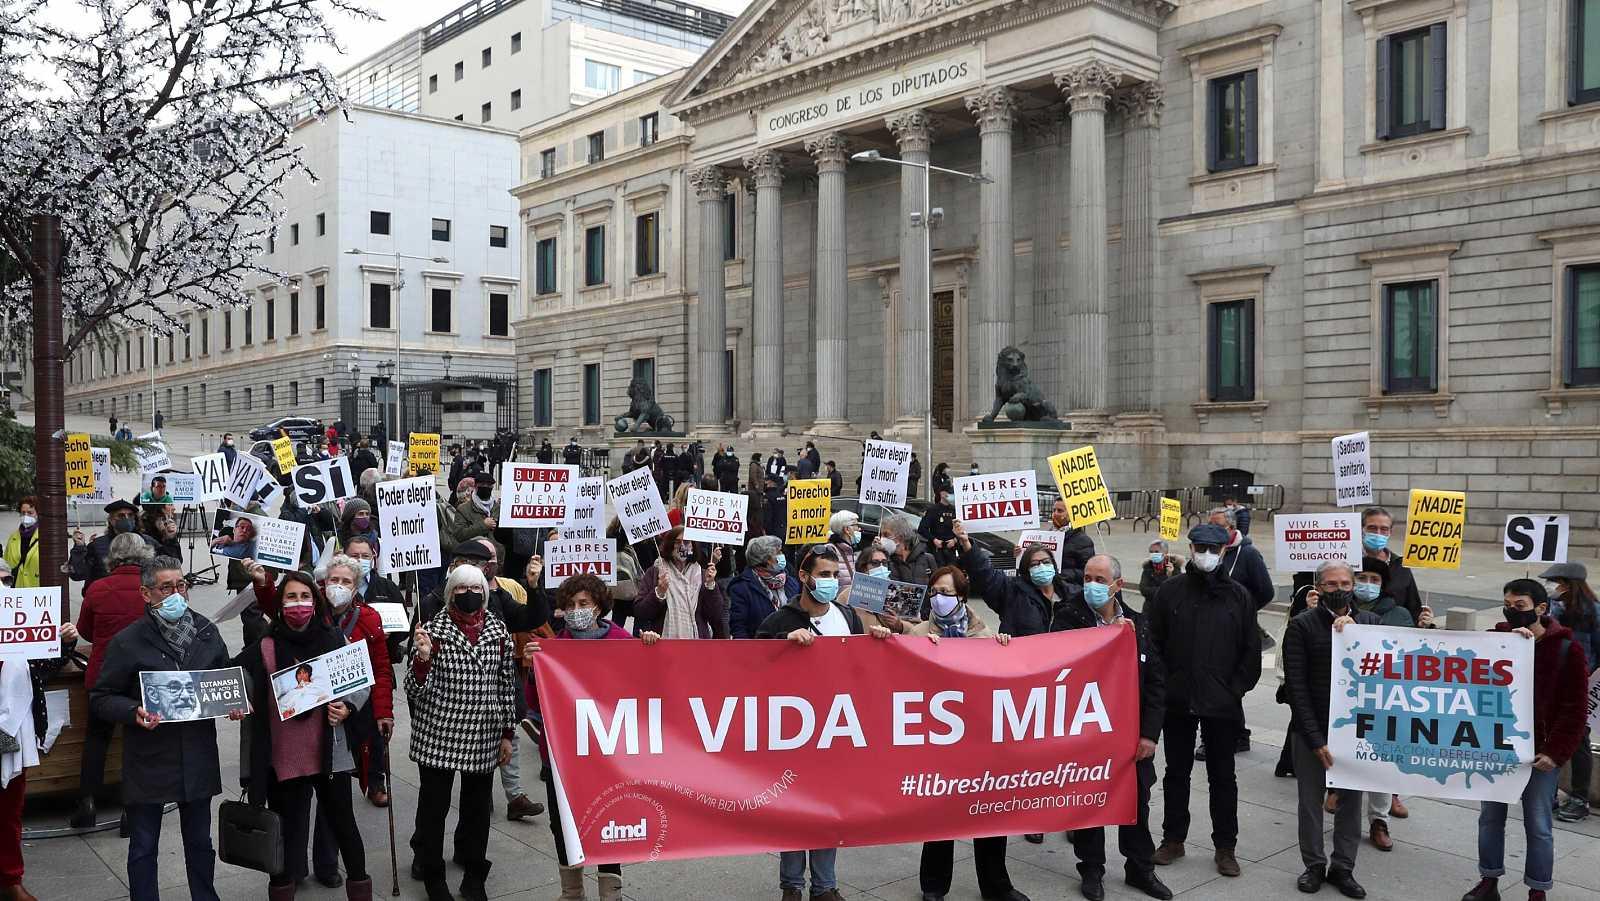 Congreso de España aprobó ley de eutanasia